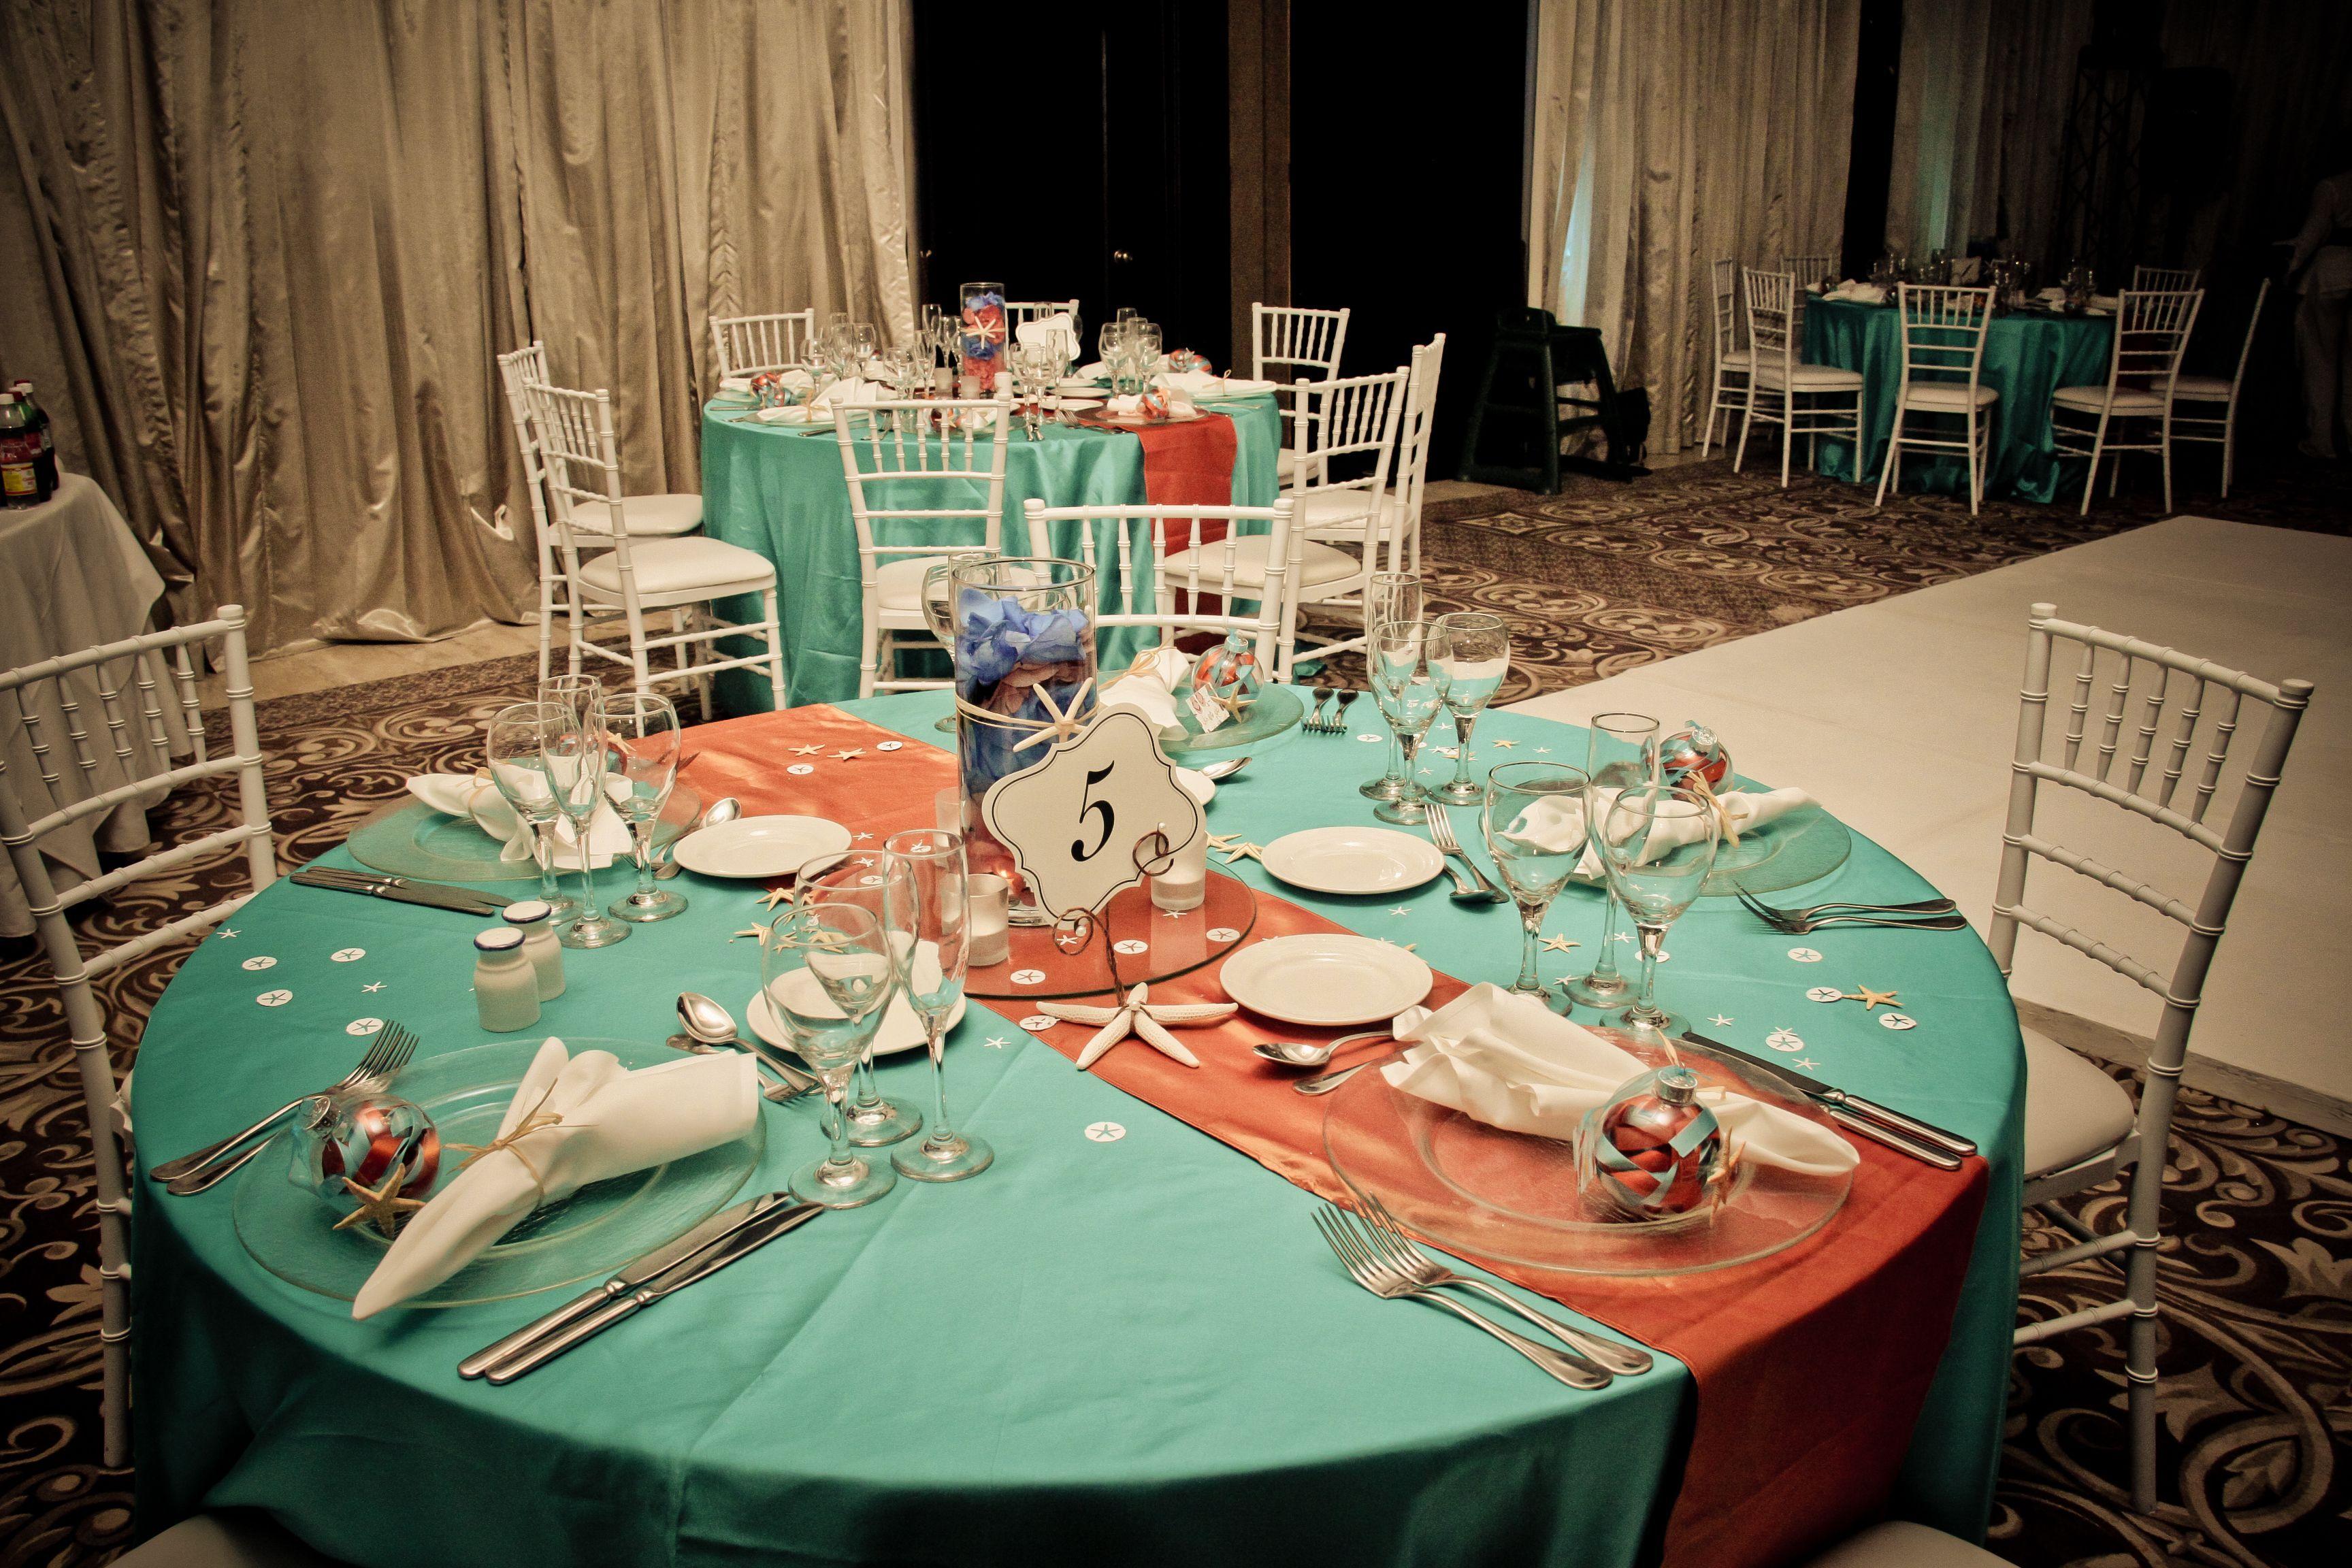 Beach Wedding Setup Aqua And Coral Color Theme Centerpieces Get